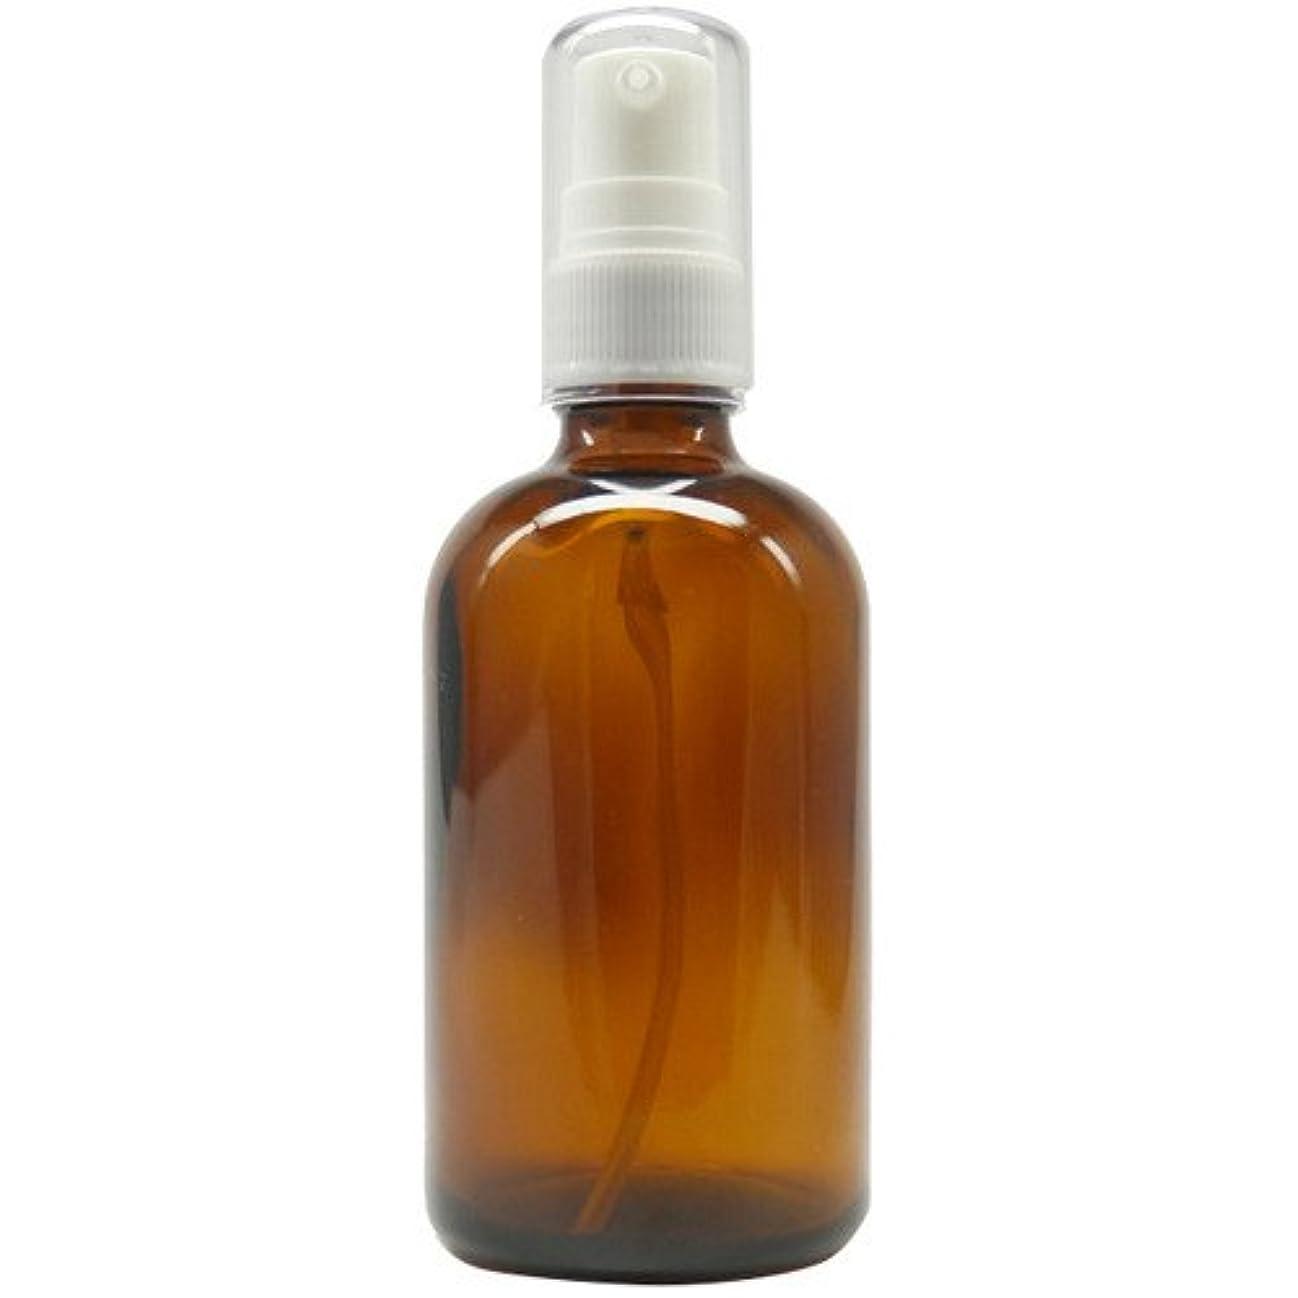 画像適格定期的にアロマアンドライフ (D)茶褐色ポンプ瓶100ml 3本セット